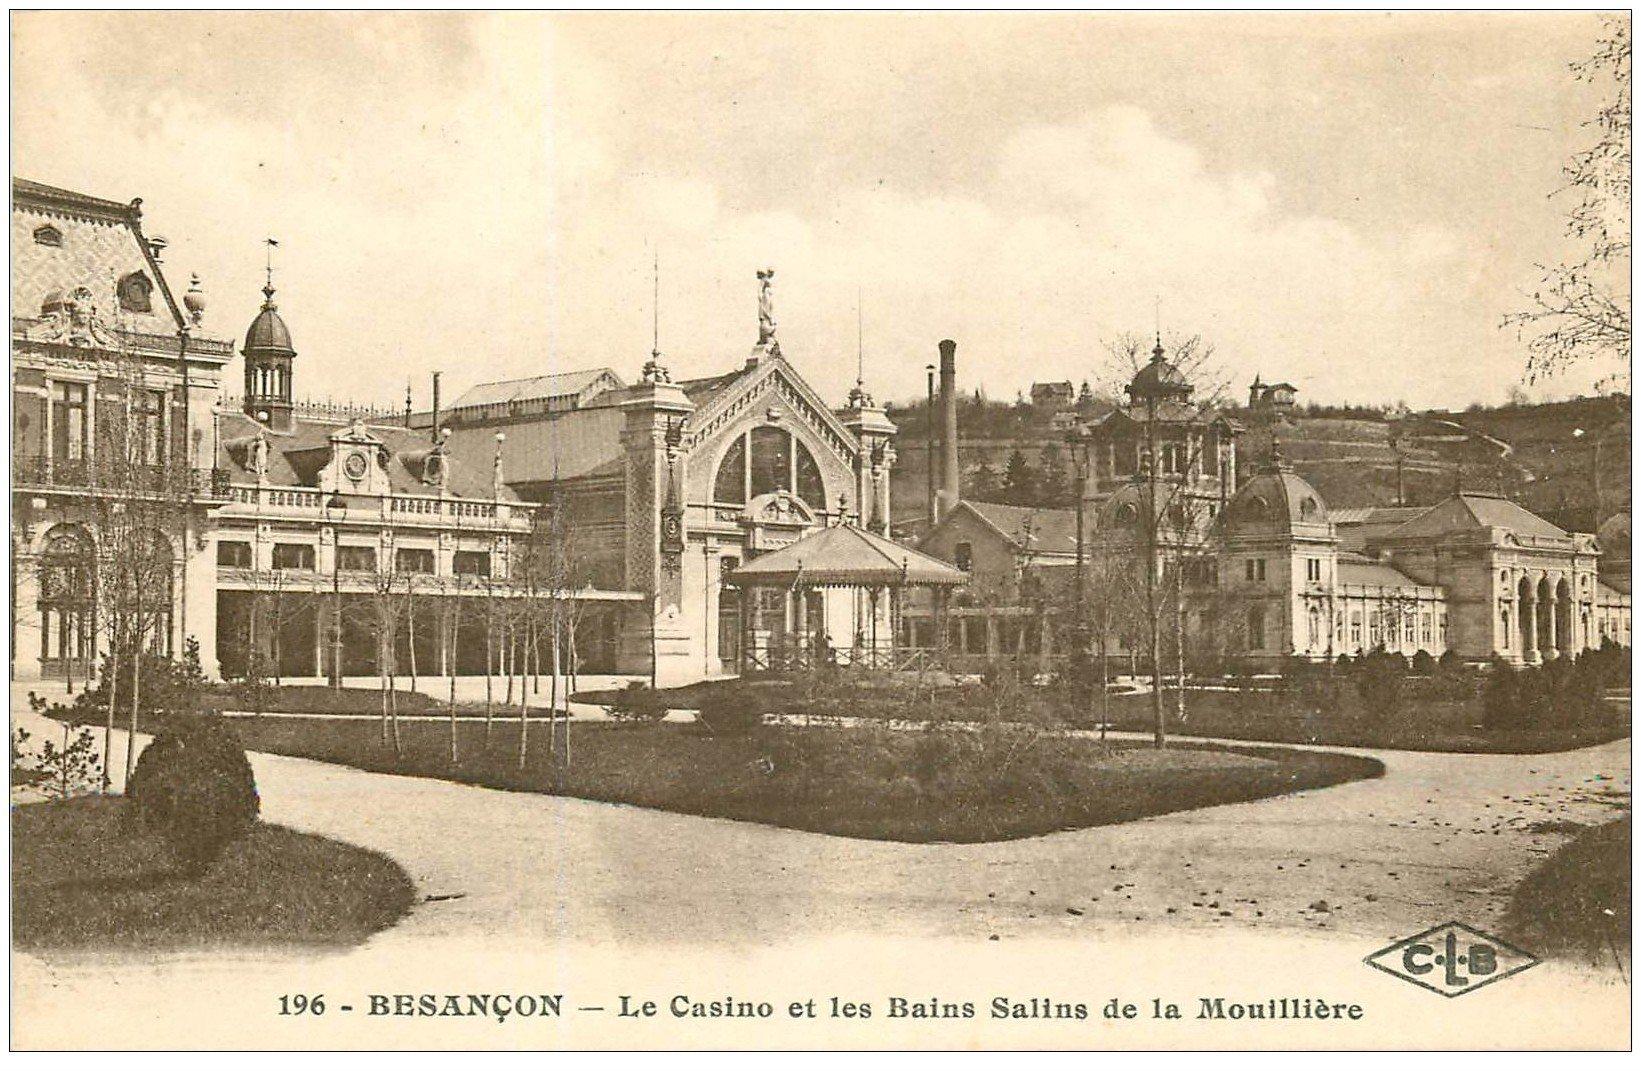 25 besancon casino et bains salins de la mouilli re for 25 besancon